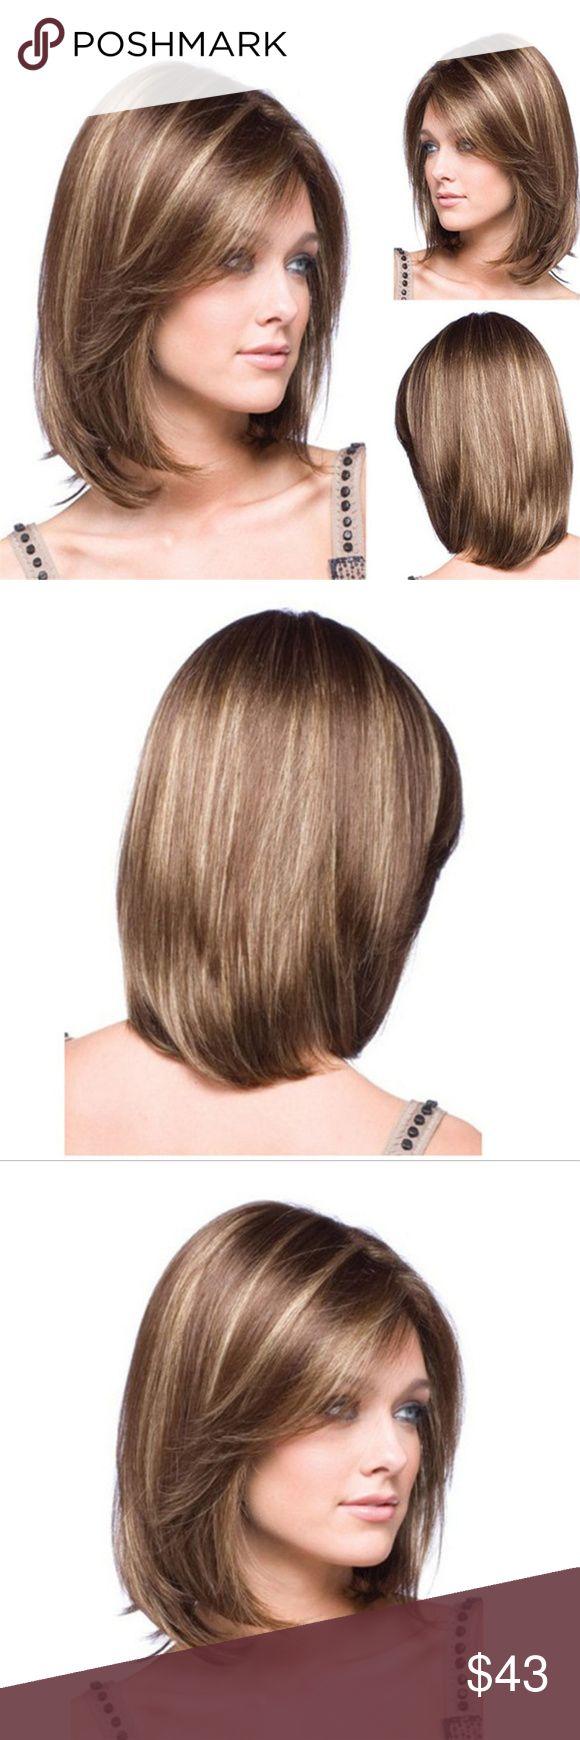 Wig Rambut wanita Lurus Pendek & Elegan Type Women Wig